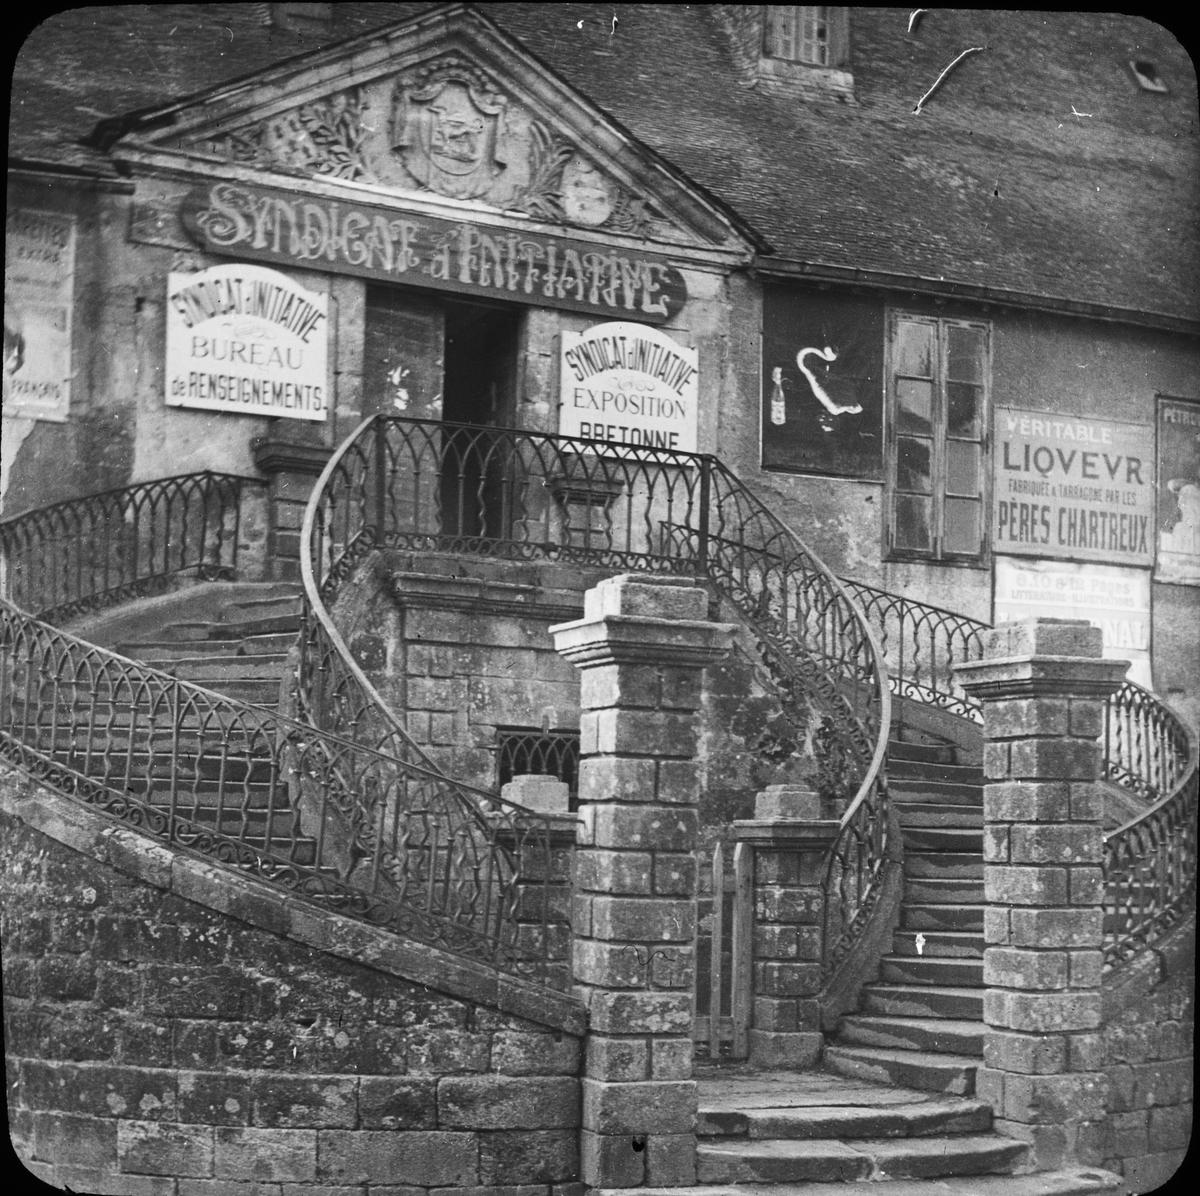 Skioptikonbild med motiv av fackföreningsbyggnad i Vannes, l'ancient mairie vid la Place des Lices. Syndicats d'initiatives, med utställning. Bilden har förvarats i kartong märkt: Resan 1908. Vannes. XXI.